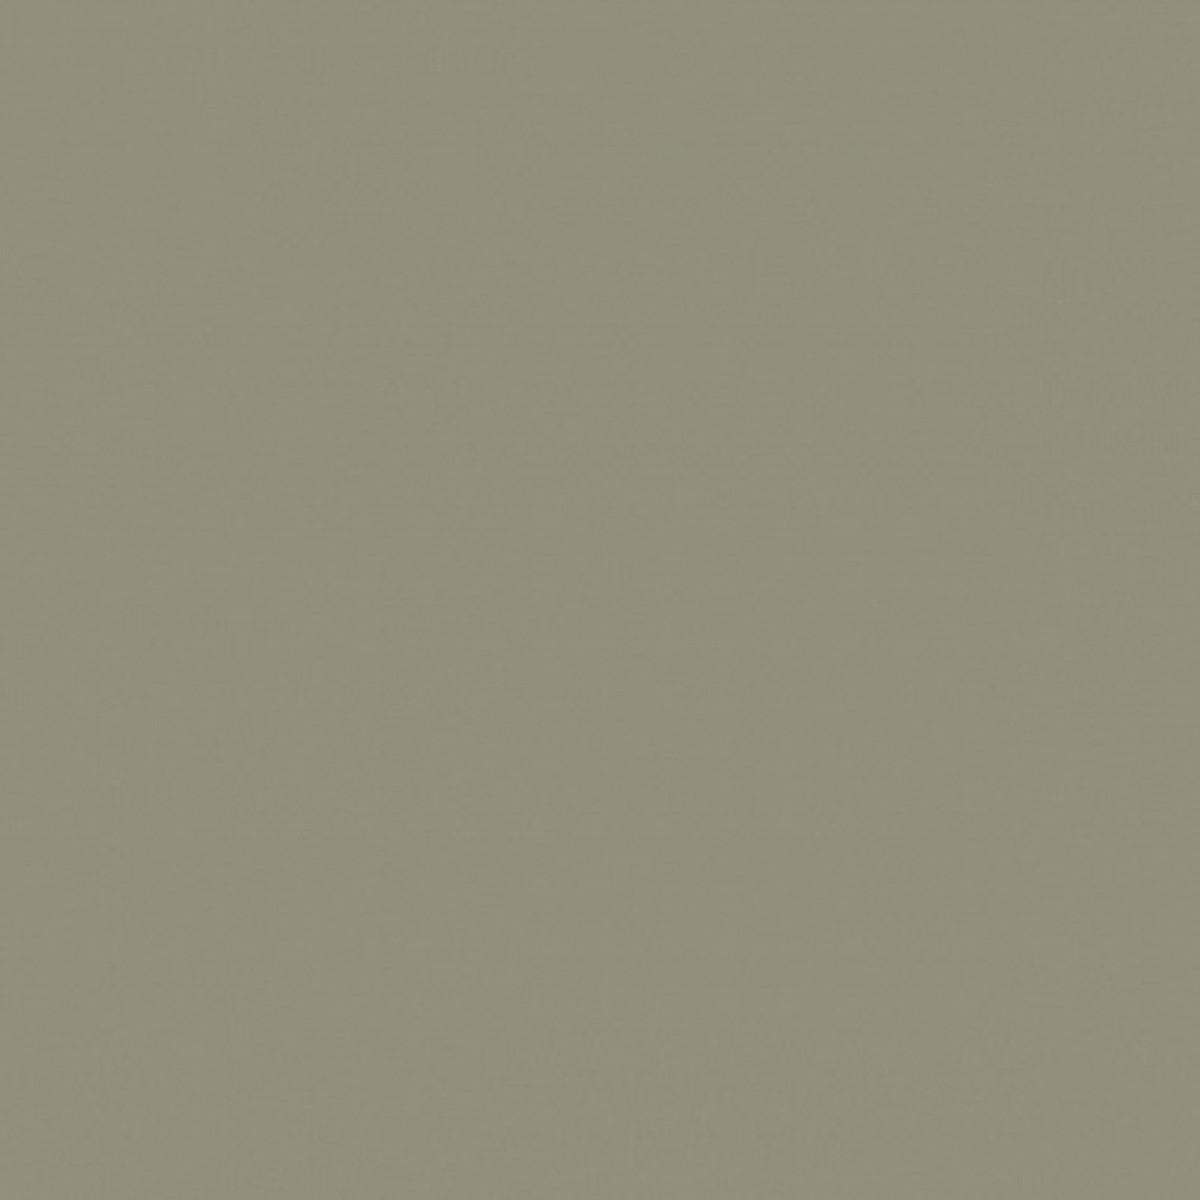 Обои флизелиновые Prospero Raw Elegance коричневые 0.53 м 343-345707